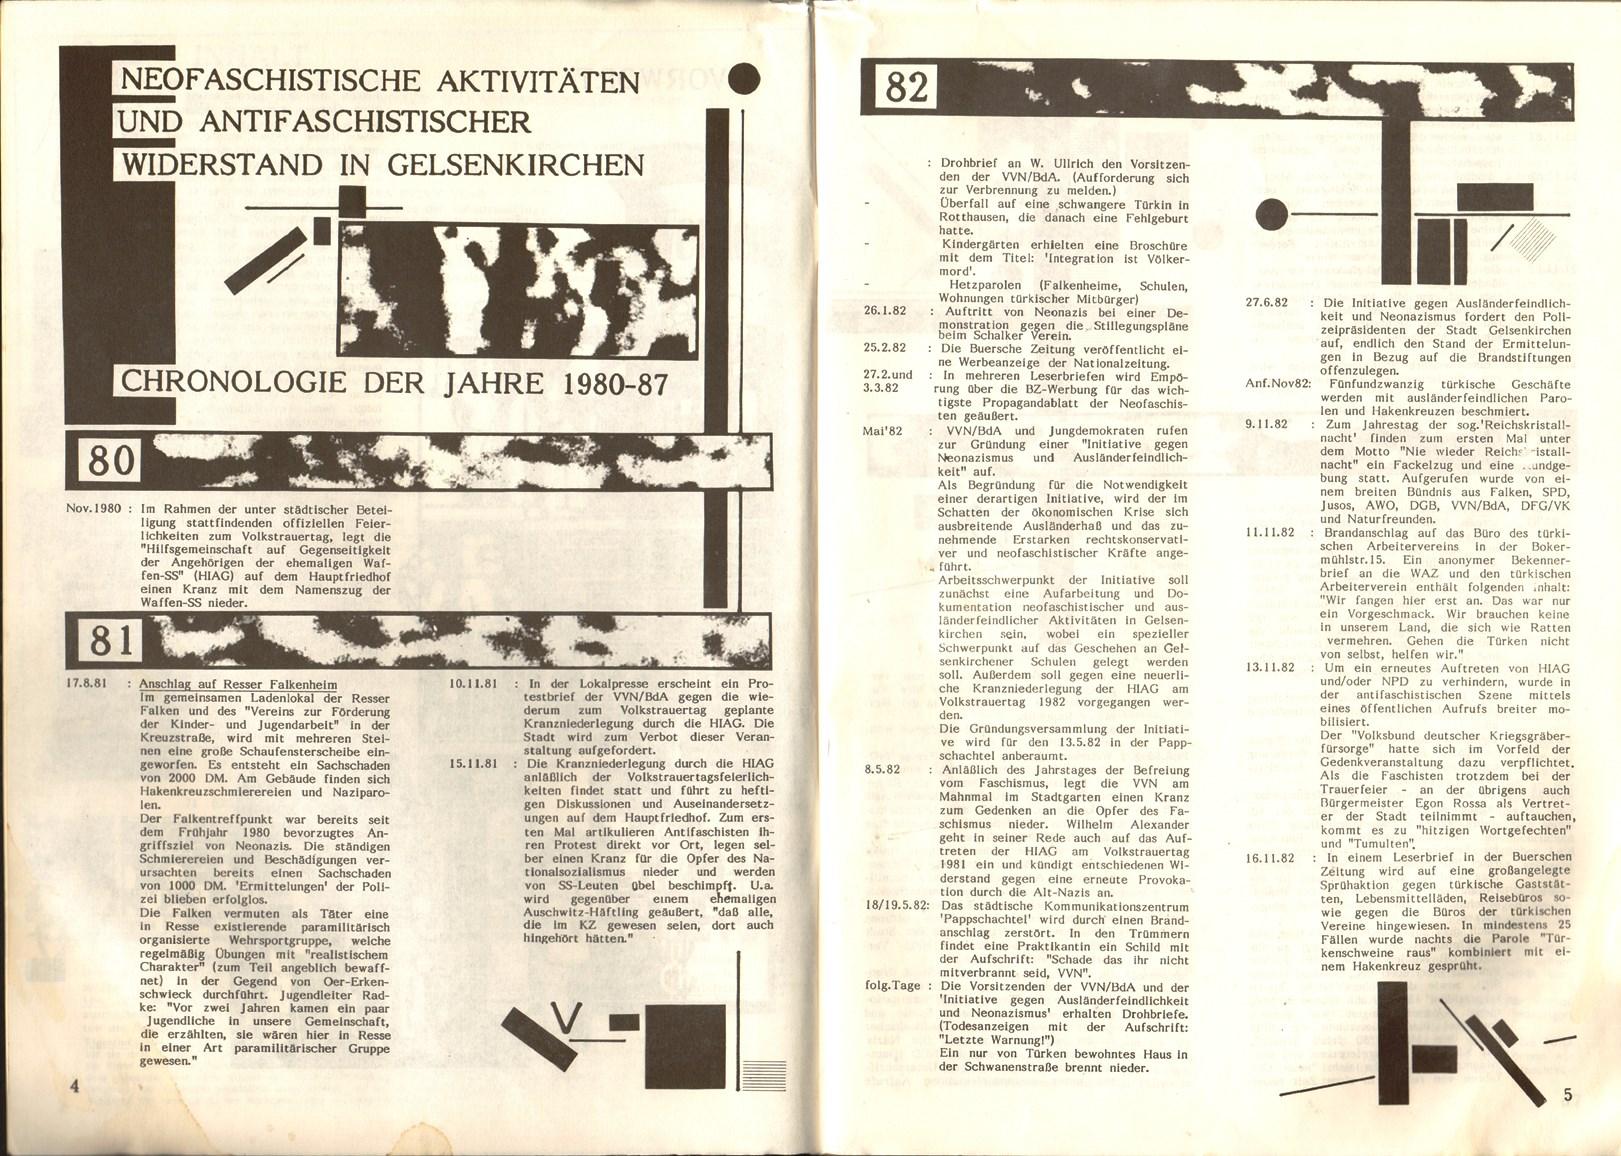 Gelsenkirchen_Zukunft_Vergangenheit_1988_03